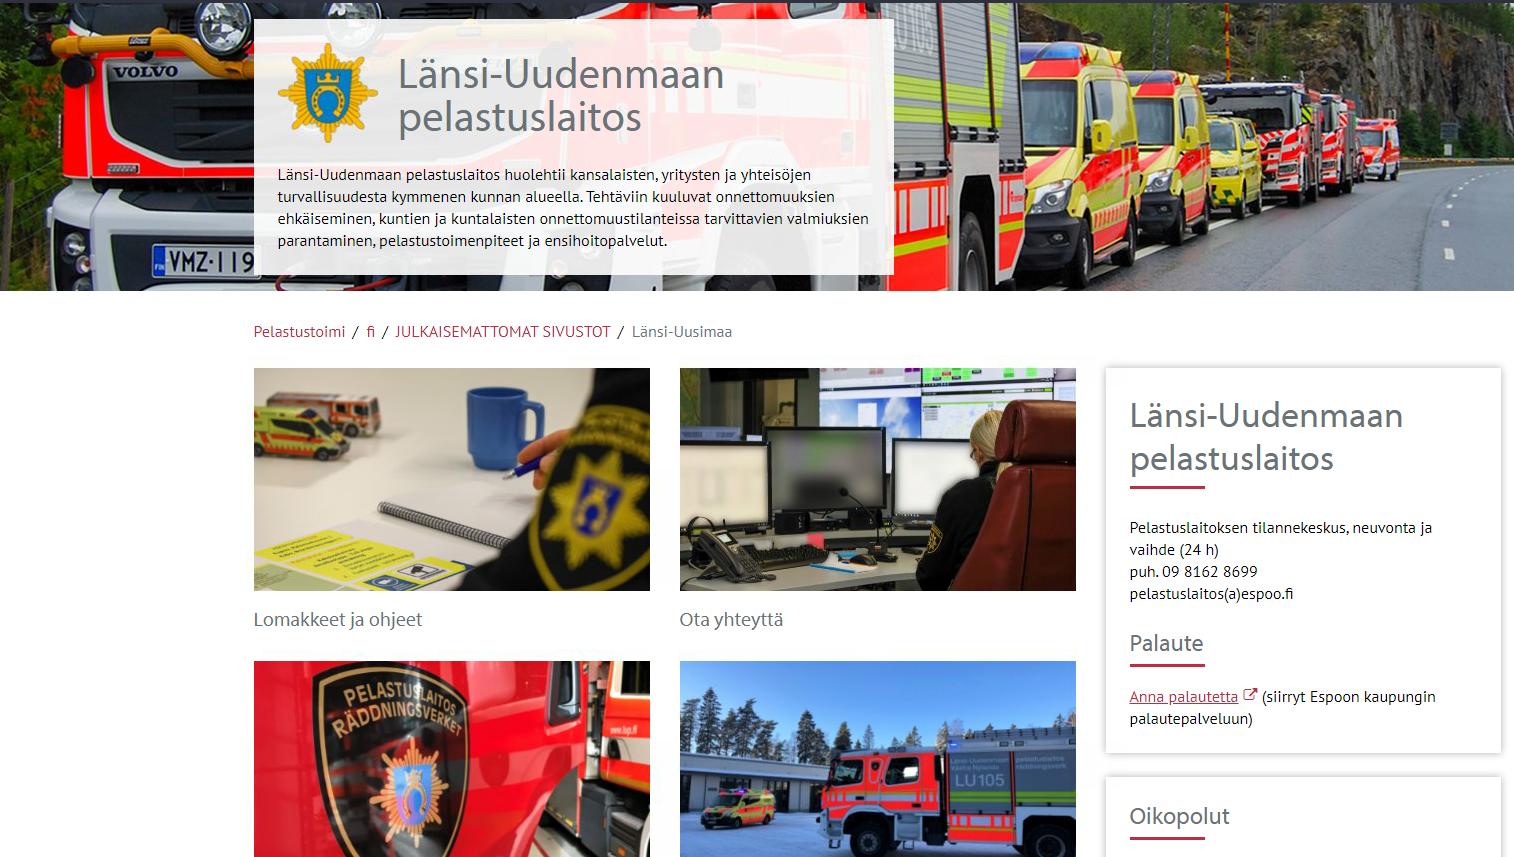 Osio Länsi-Uudenmaan pelastuslaitoksen verkkosivuston etusivusta.